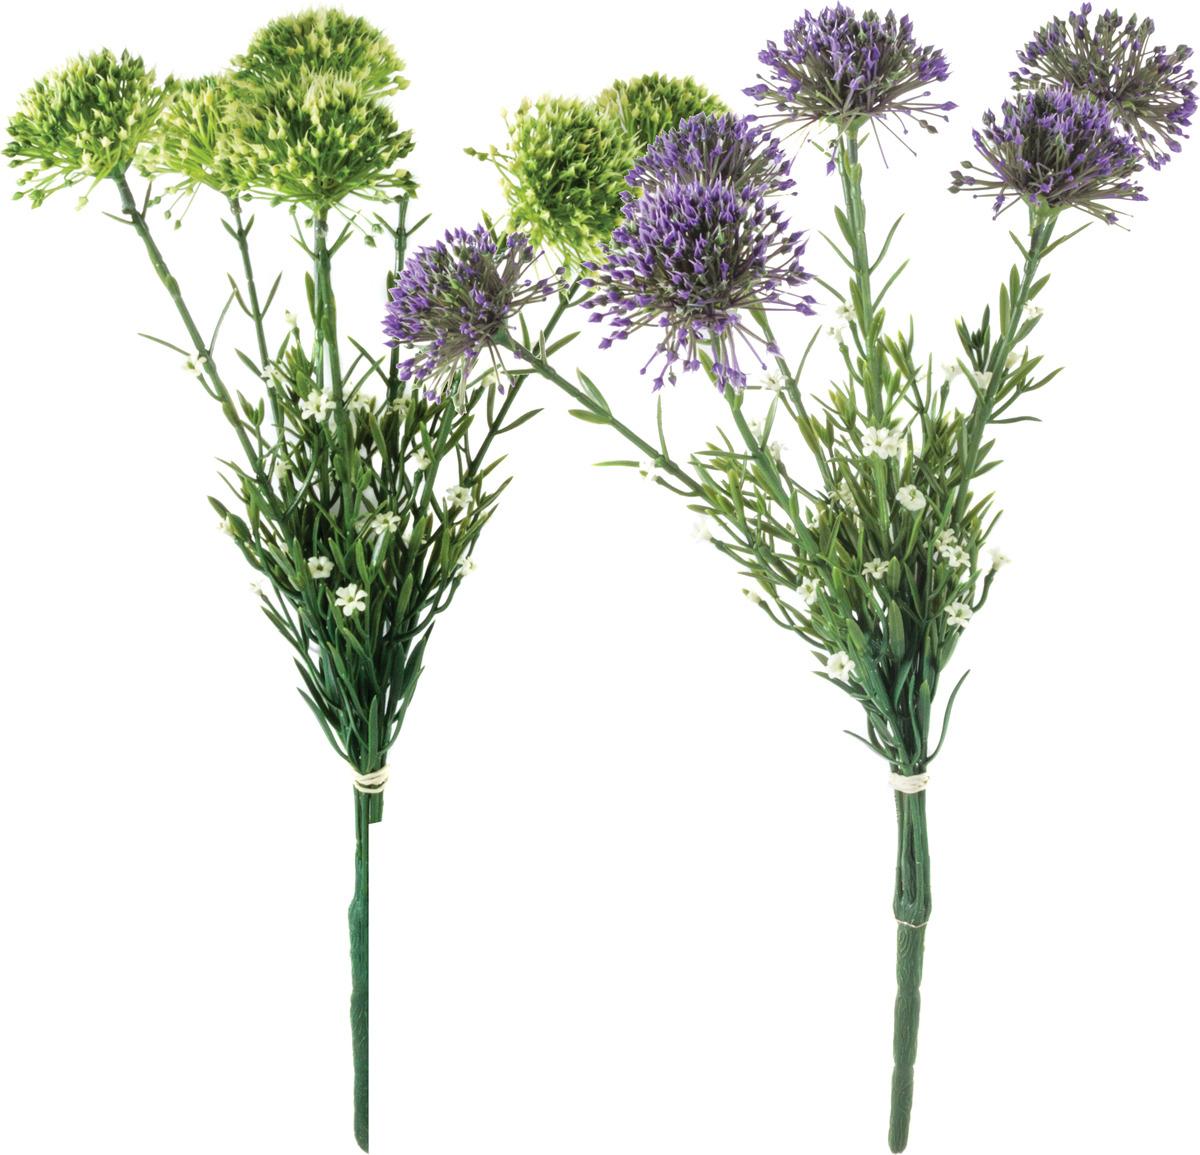 Цветы искусственные Волшебная страна Лук, XF2042, синий искусственные растения valiant муляж лук с перцем в связке желтый 60см шт